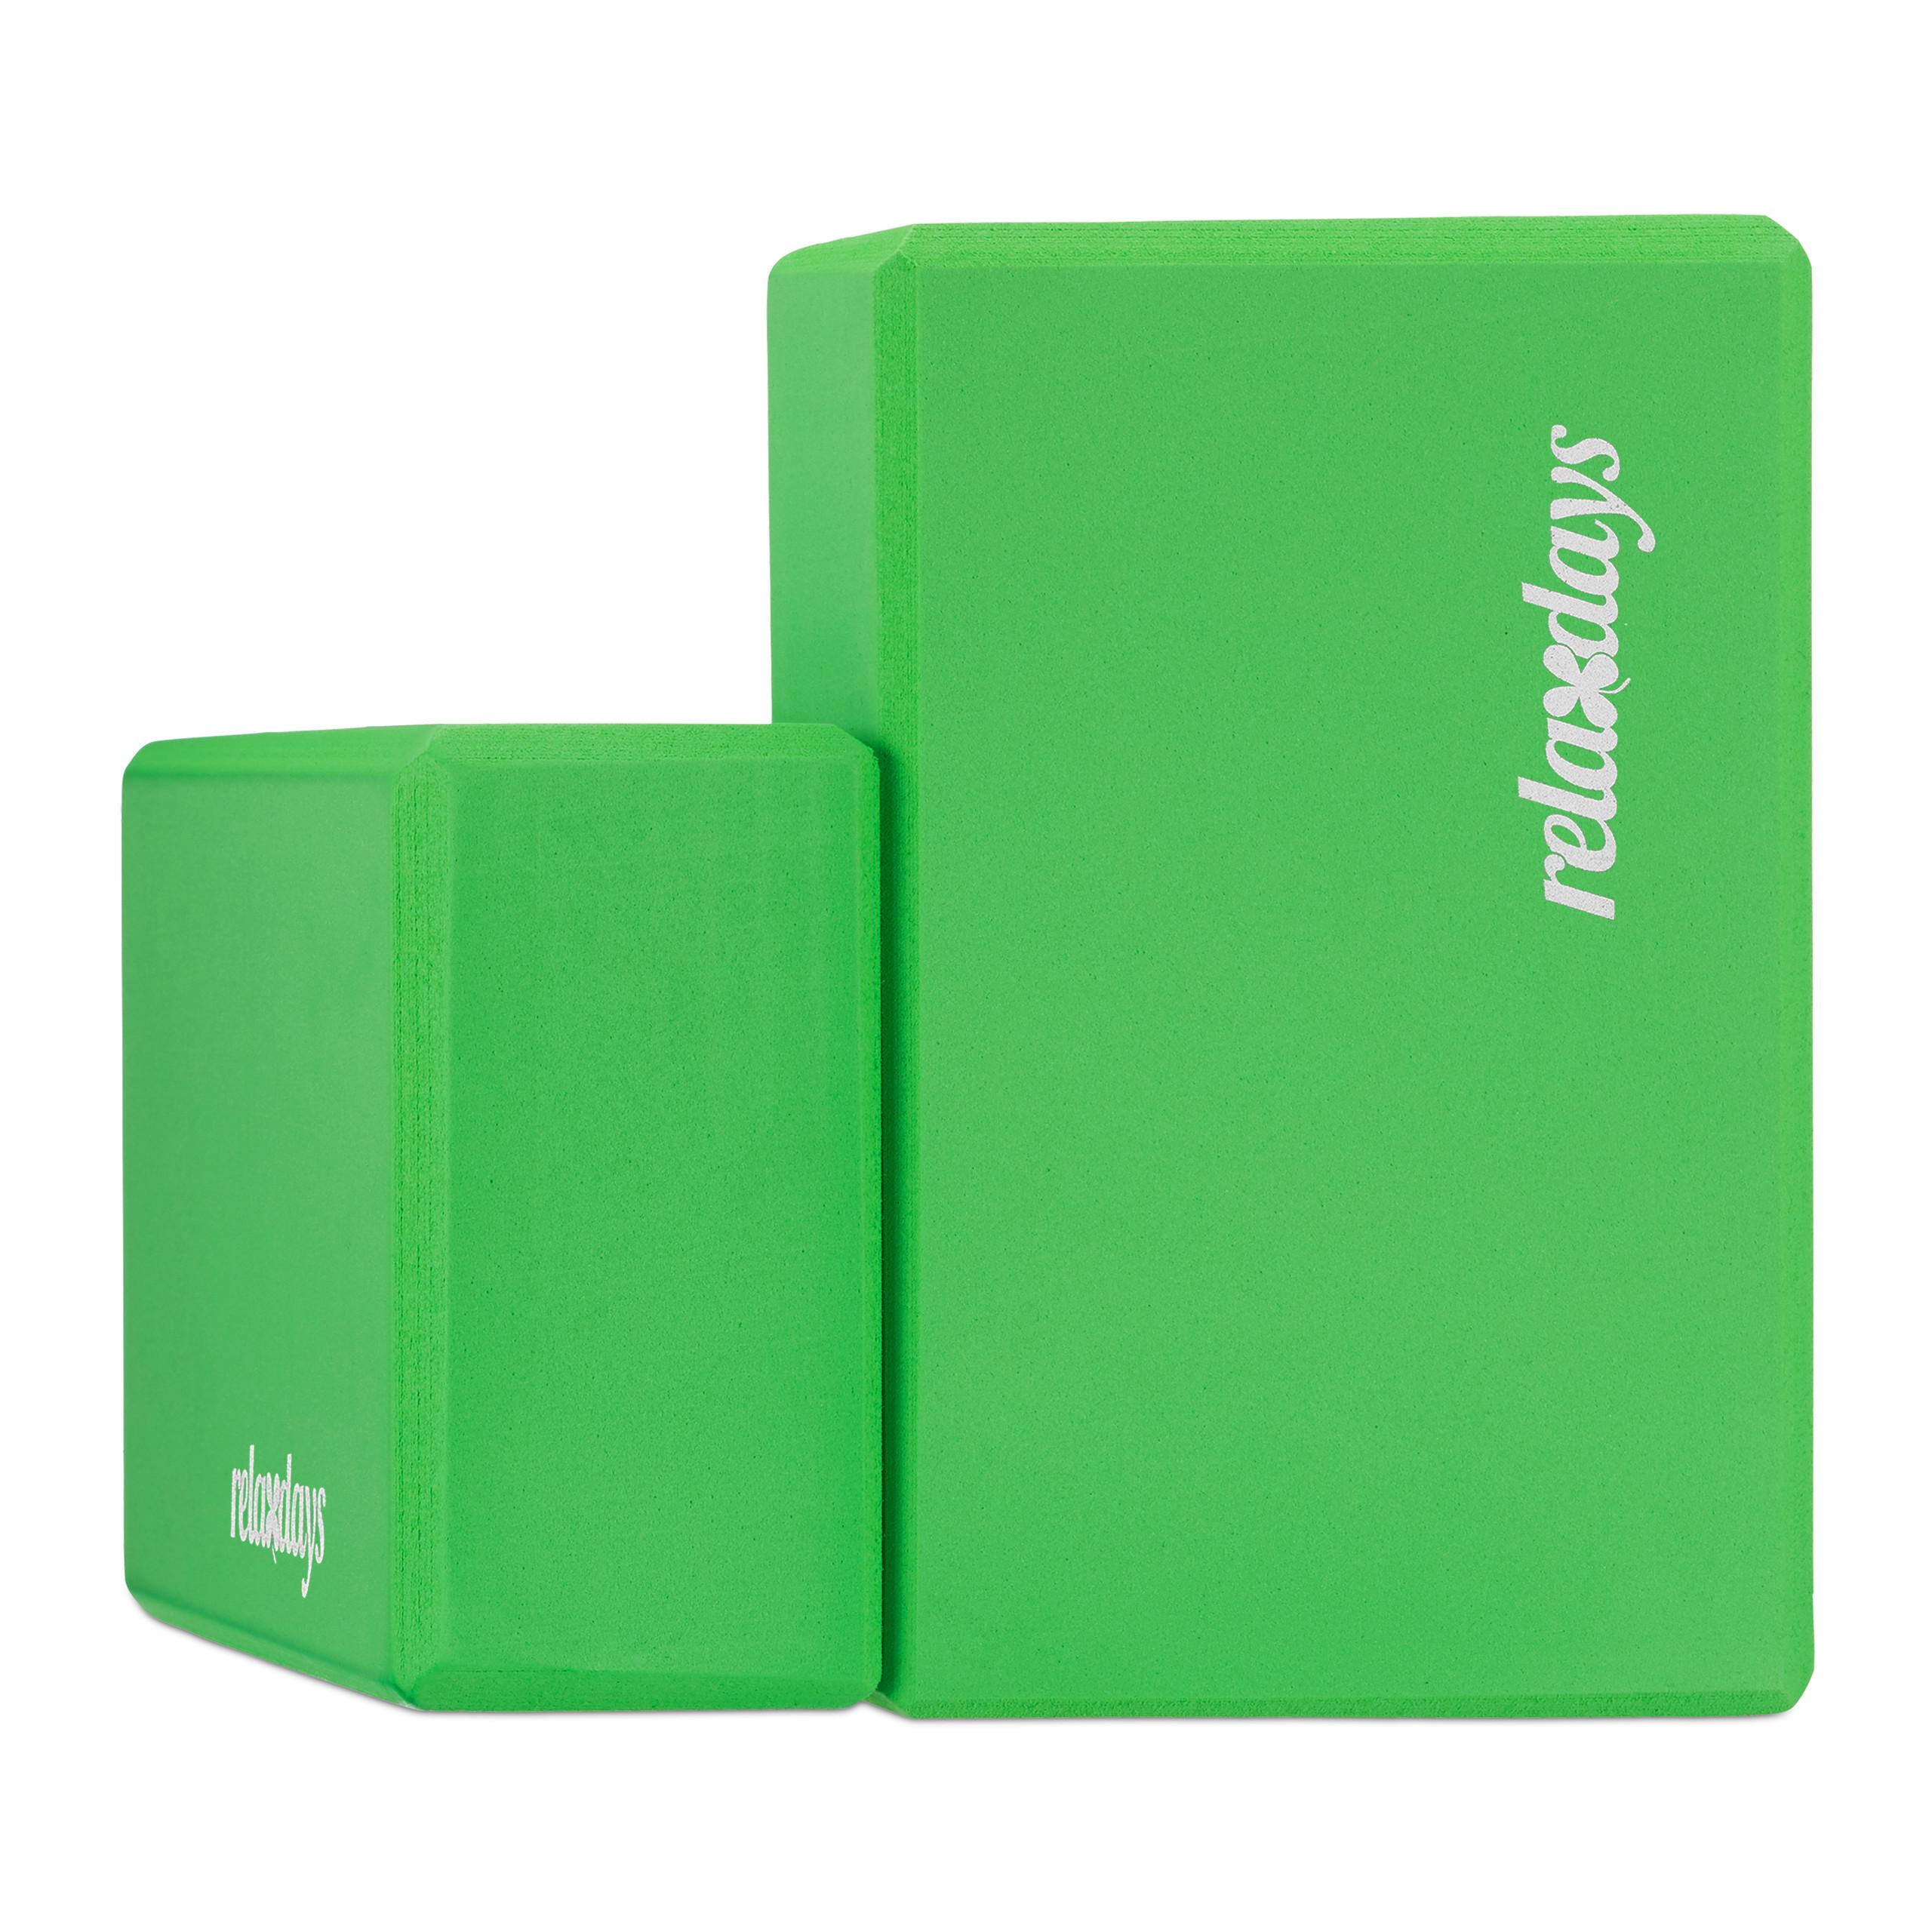 Pack-de-2-bloques-yoga-de-gomaespuma-Tacos-yoga-en-varios-colores-Ladrillos-yoga miniatura 28